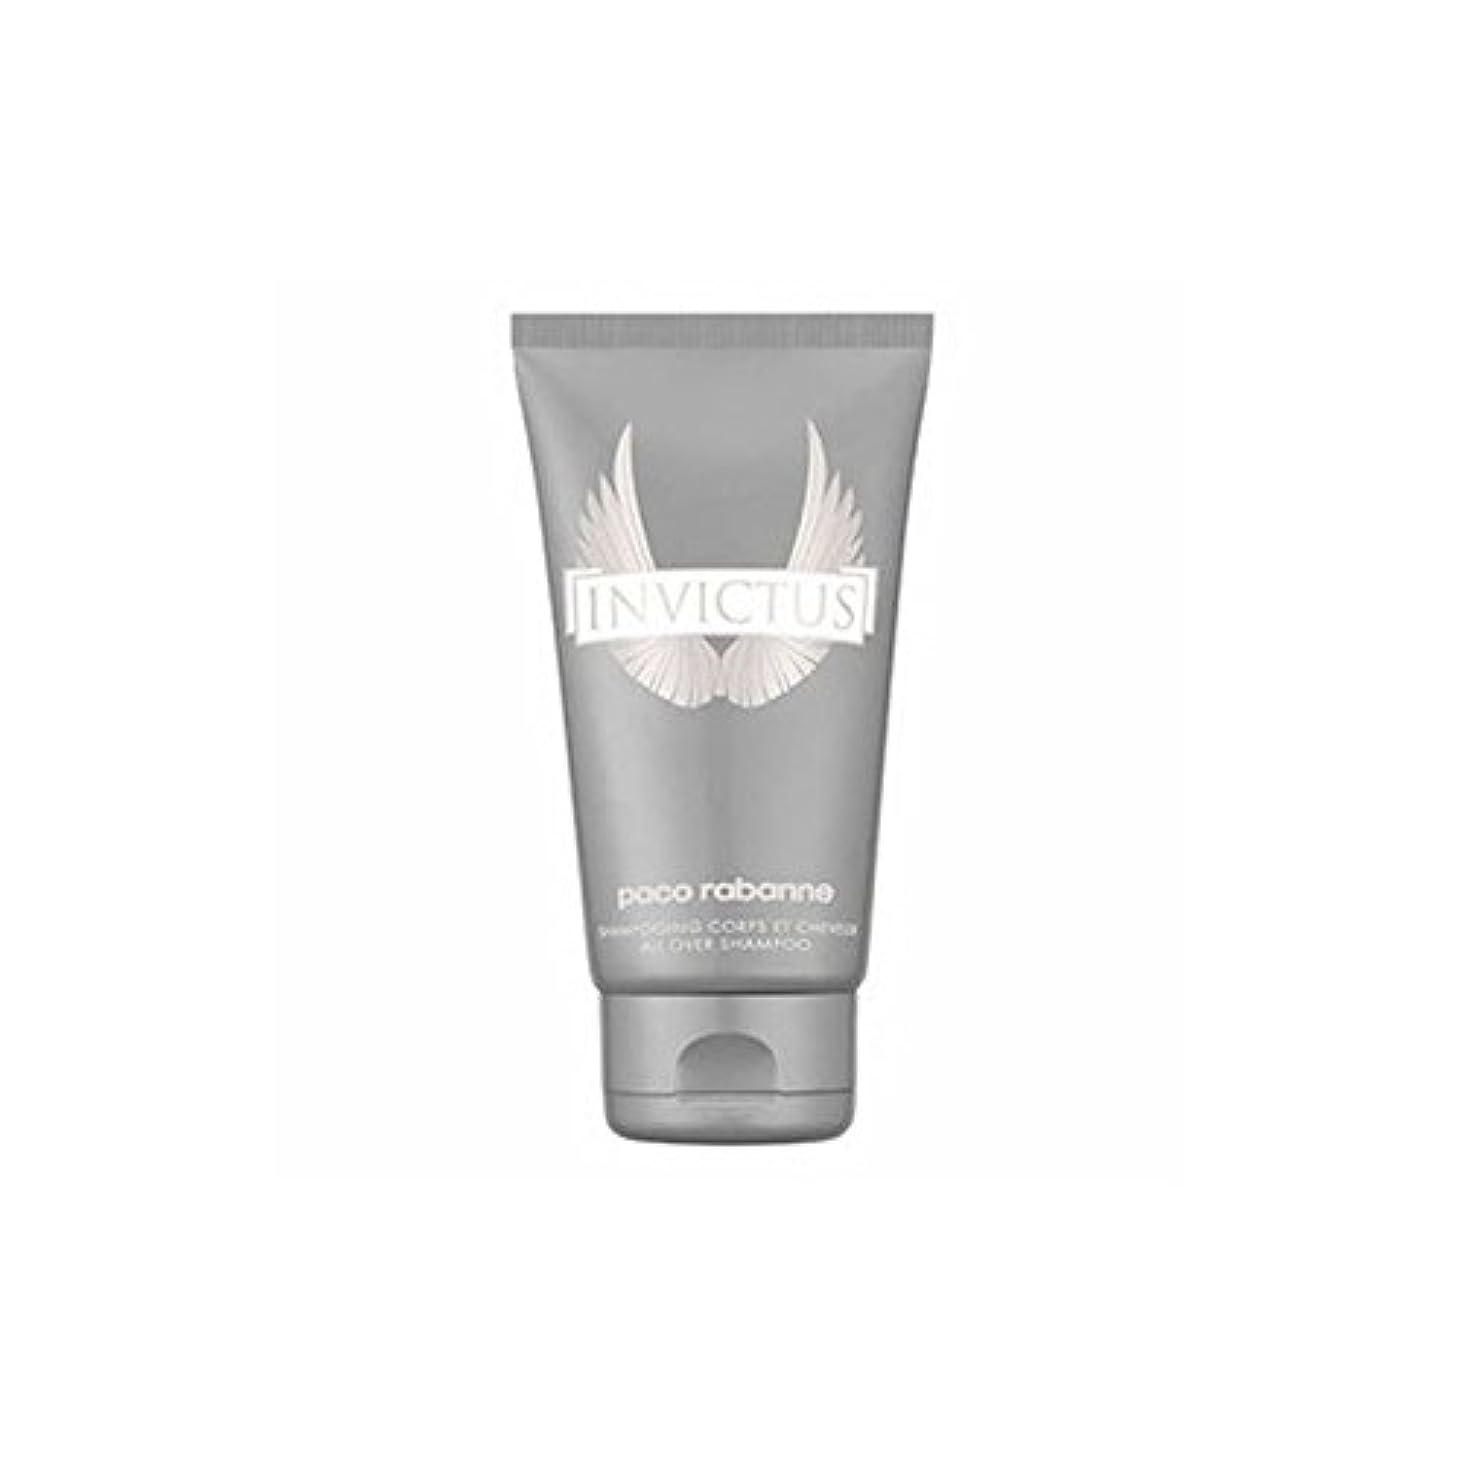 エラーに付ける見かけ上[Paco Rabanne ] 男性のためのパコラバンヌのInvictusシャワージェル - 150ミリリットル - Paco Rabanne Invictus Shower gel for Men - 150ml [並行輸入品]